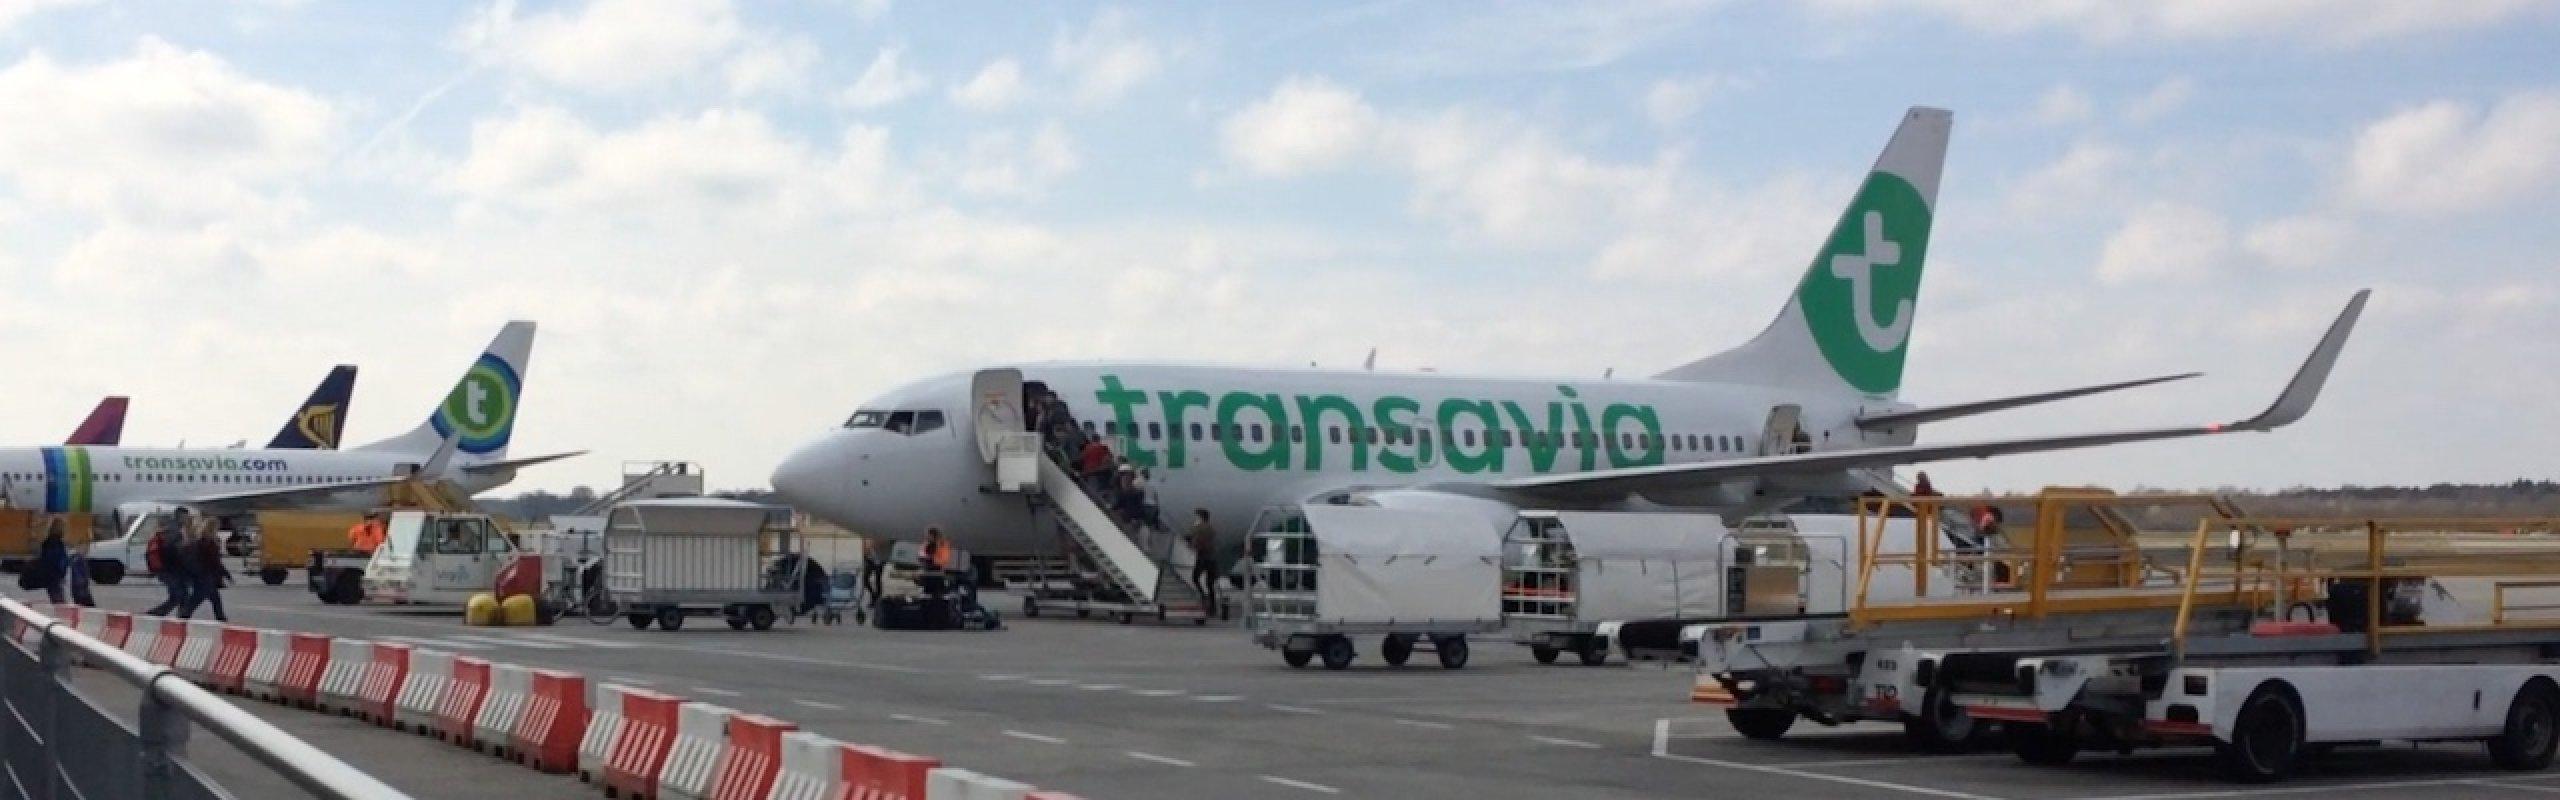 Resultado de imagen para Eindhoven Airport